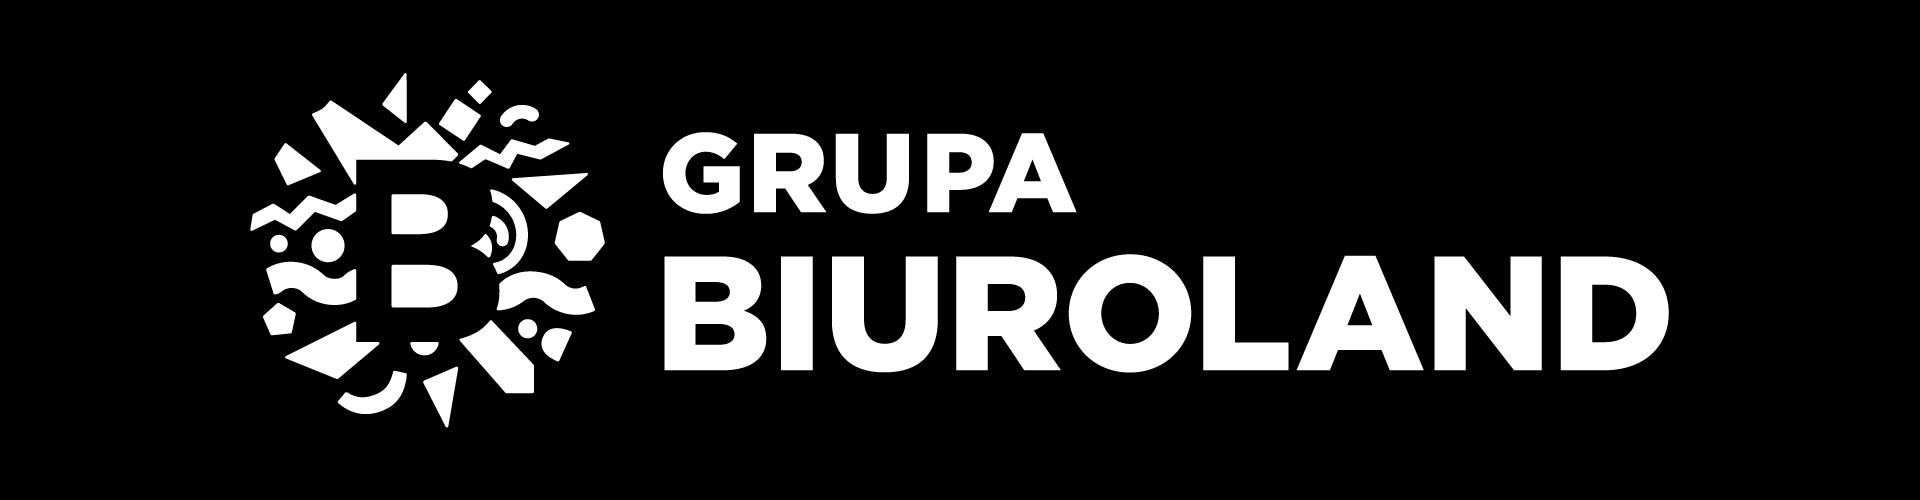 Biuroland Logo